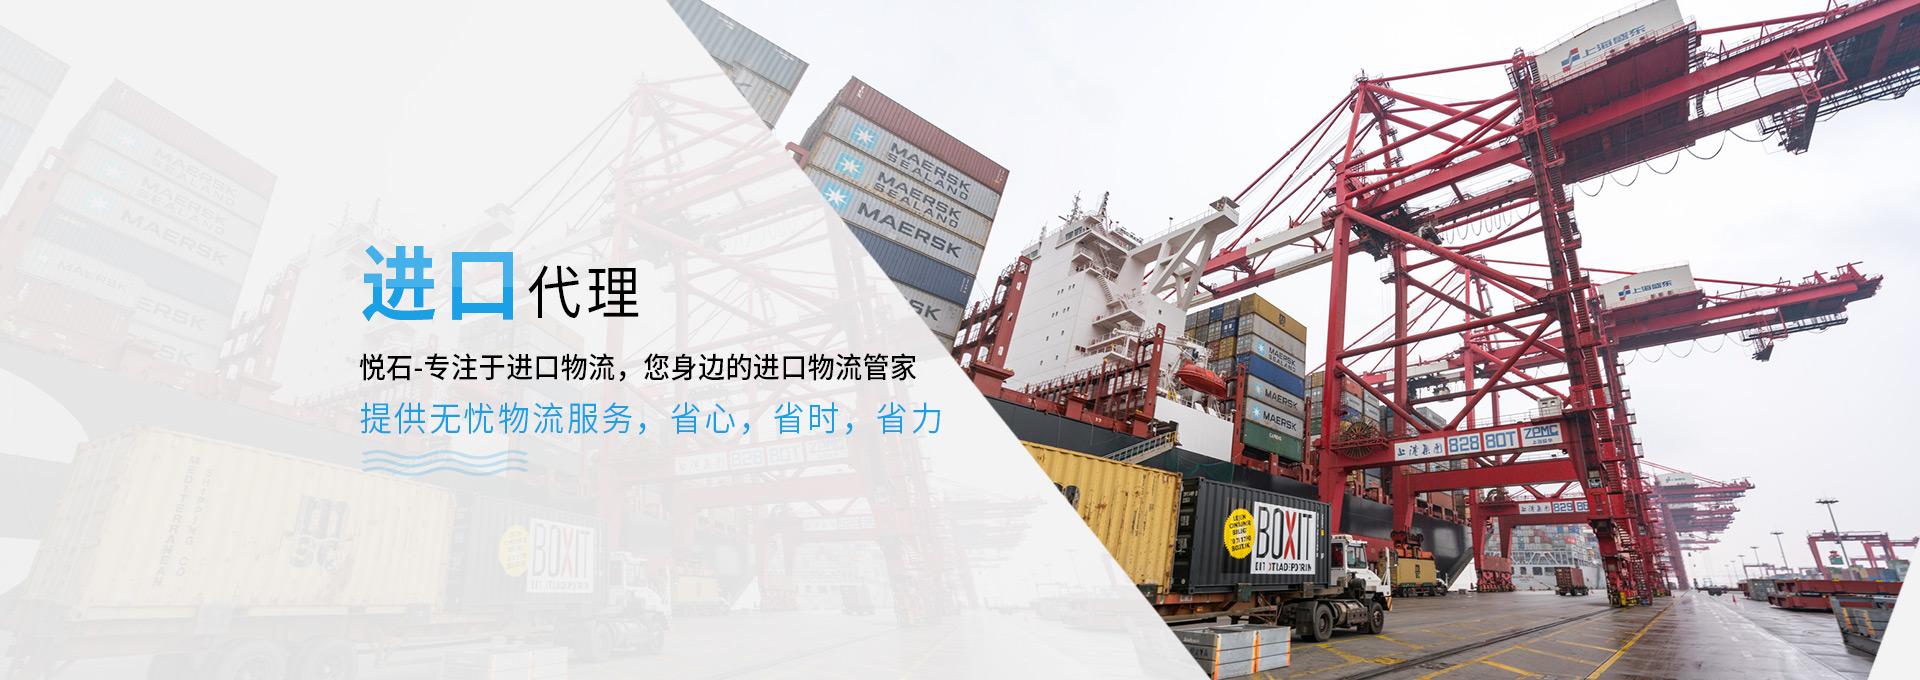 上海进口代理